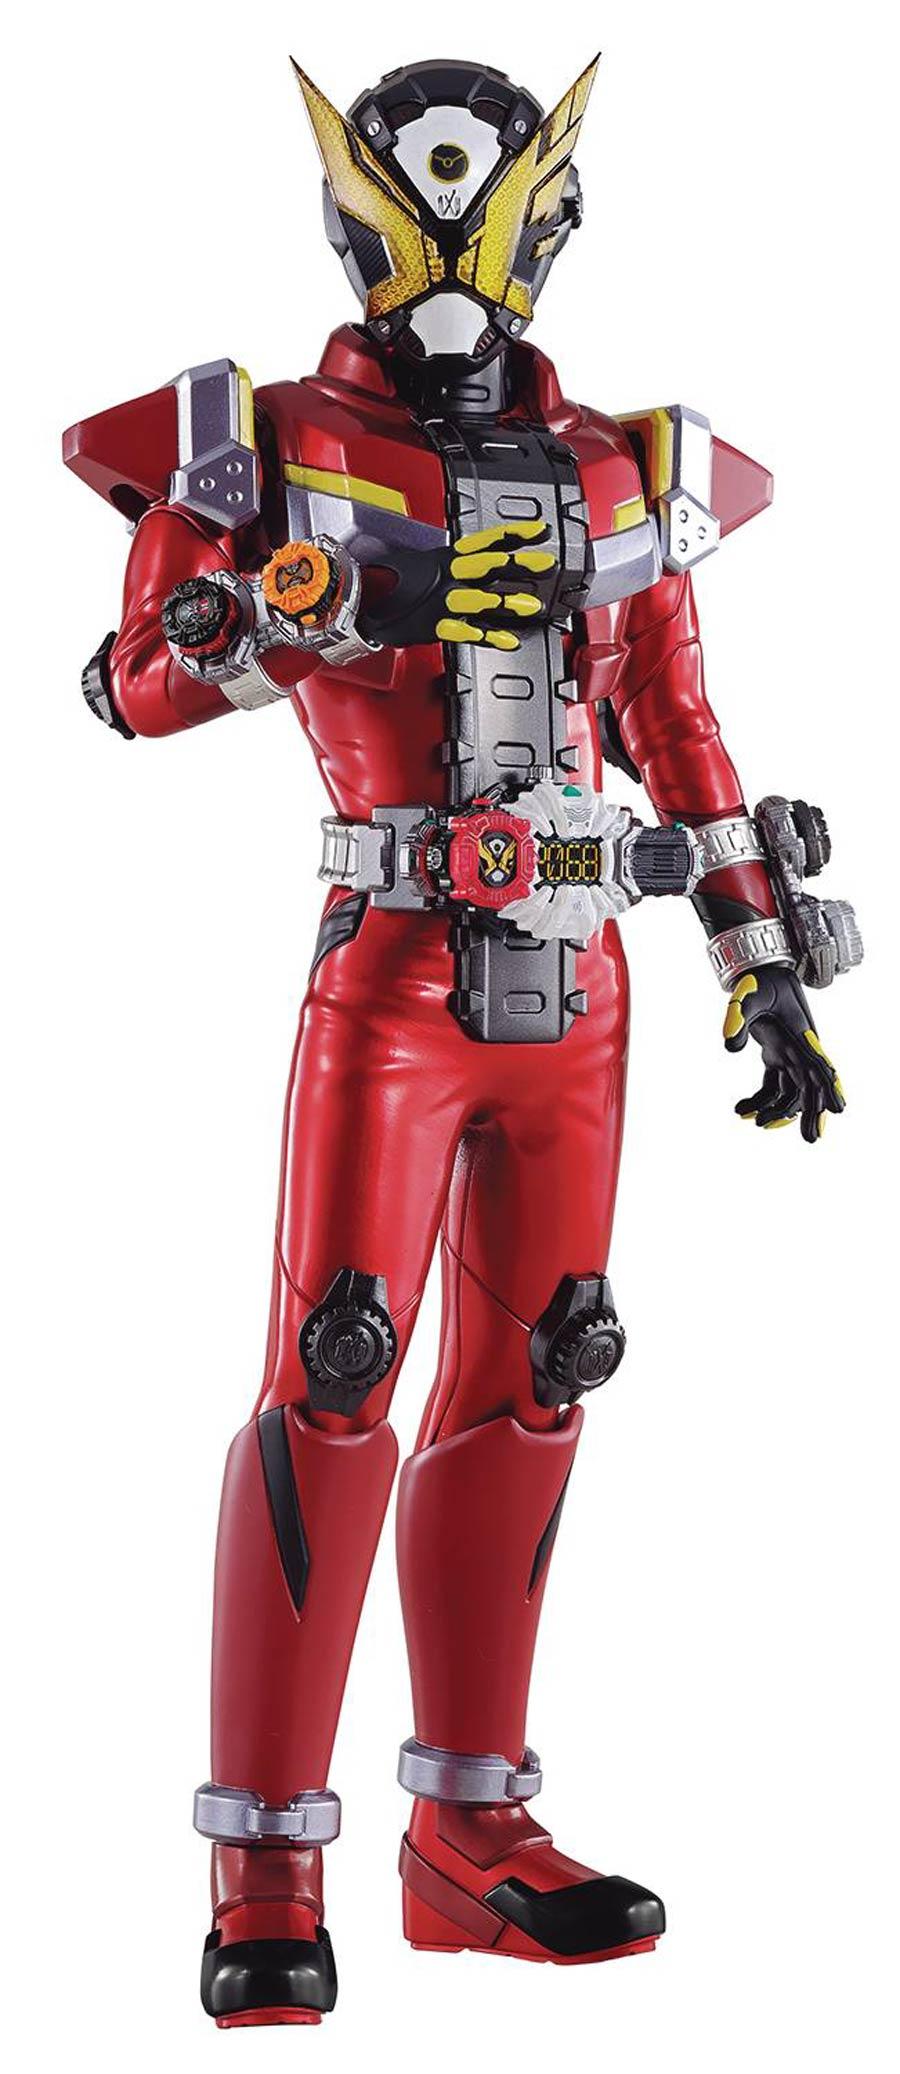 Kamen Rider Ichiban Sofvics - Kamen Rider Geiz Figure